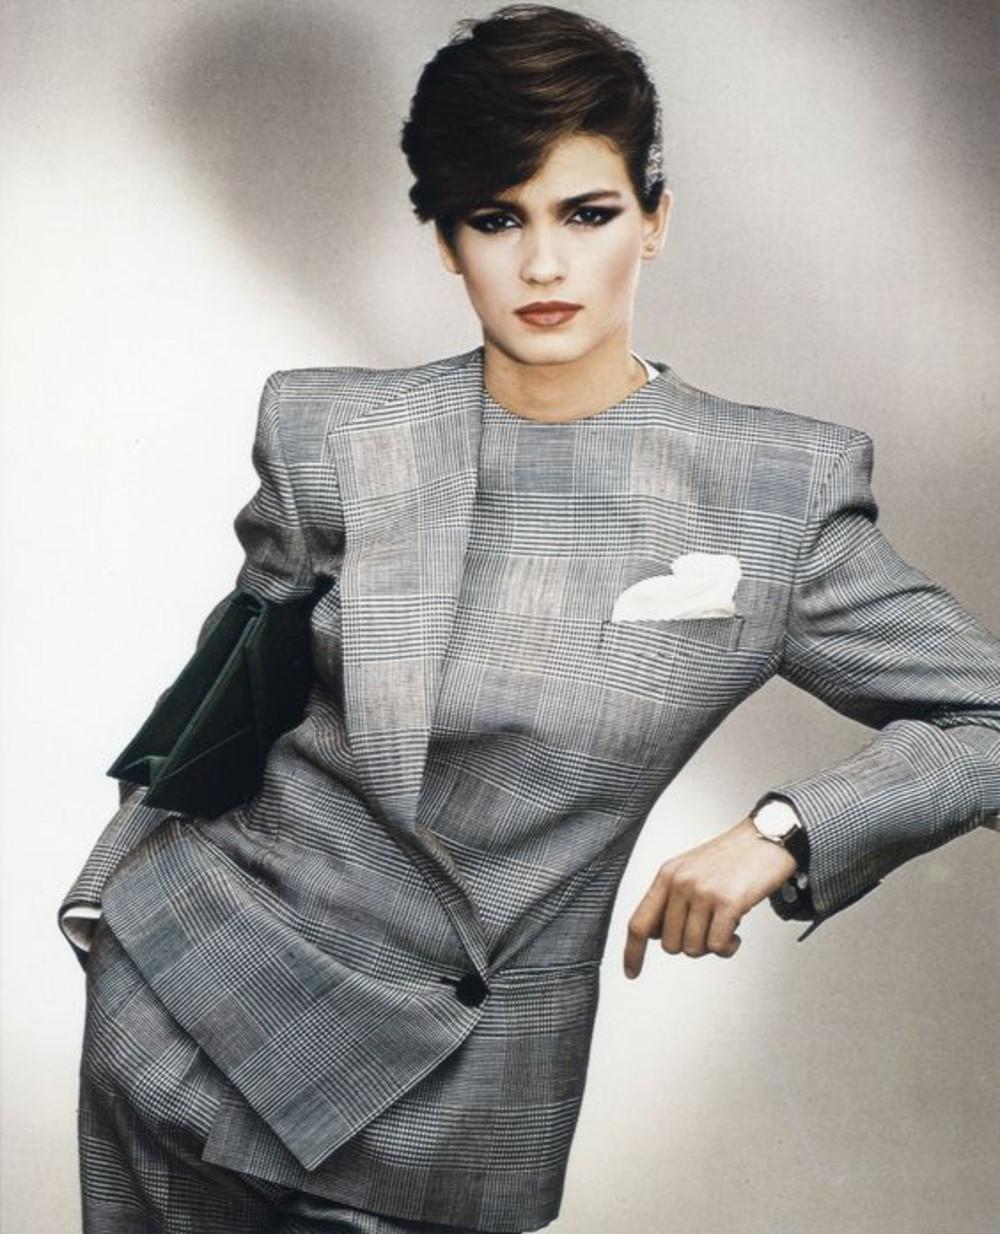 或許Giorgio Armani 現在紅的是它的唇膏,但是在經濟崛起、女性走入職場的1970年代,是他做出了屬於職場女強人的「Power Suit」。